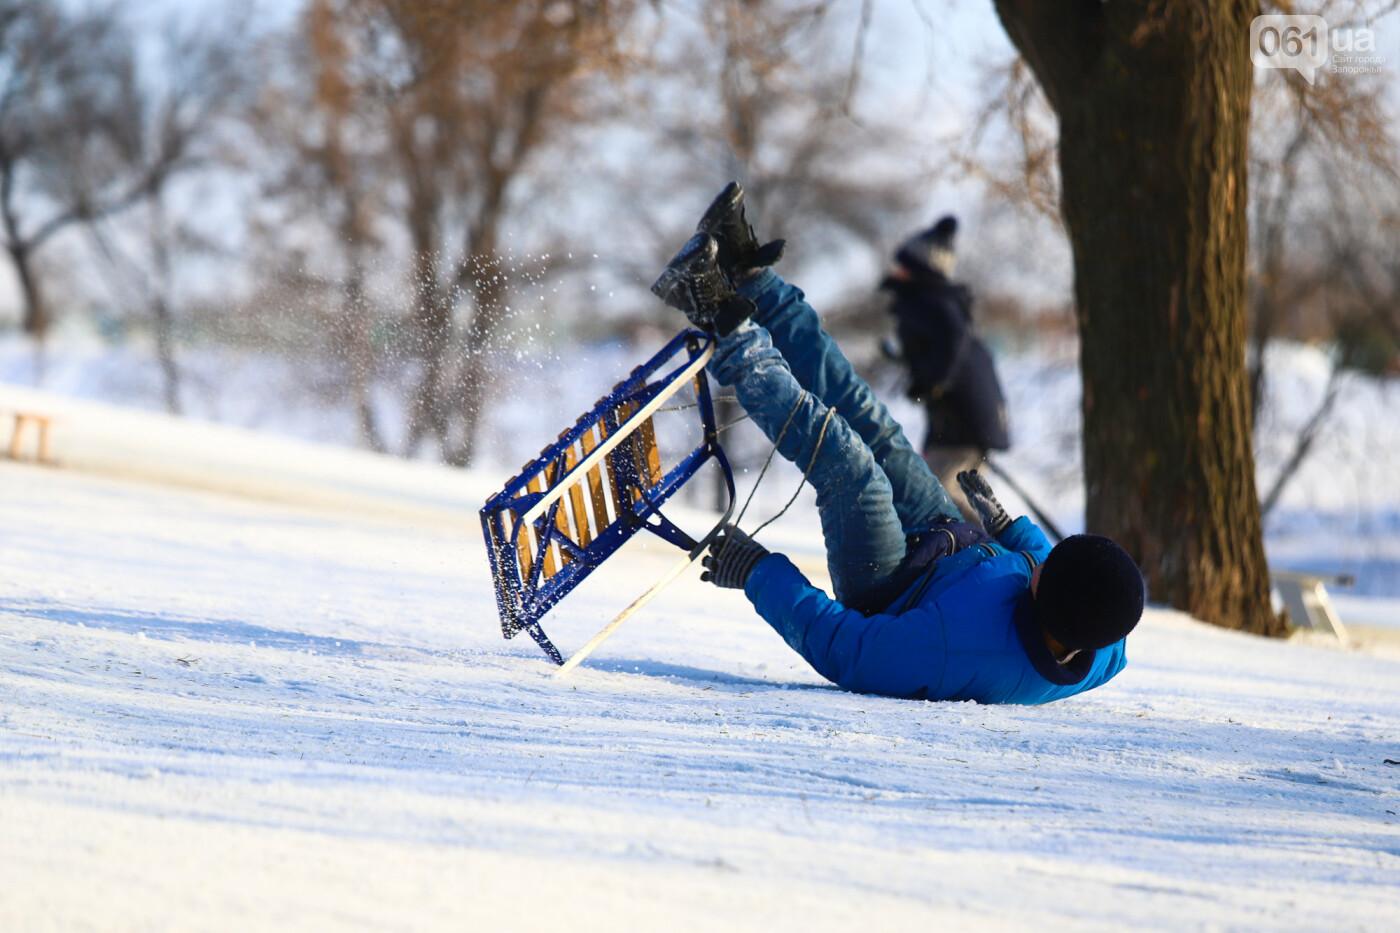 На санках, лыжах и сноуборде: запорожцы устроили массовое катание с горок в Вознесеновском парке, - ФОТОРЕПОРТАЖ, фото-95